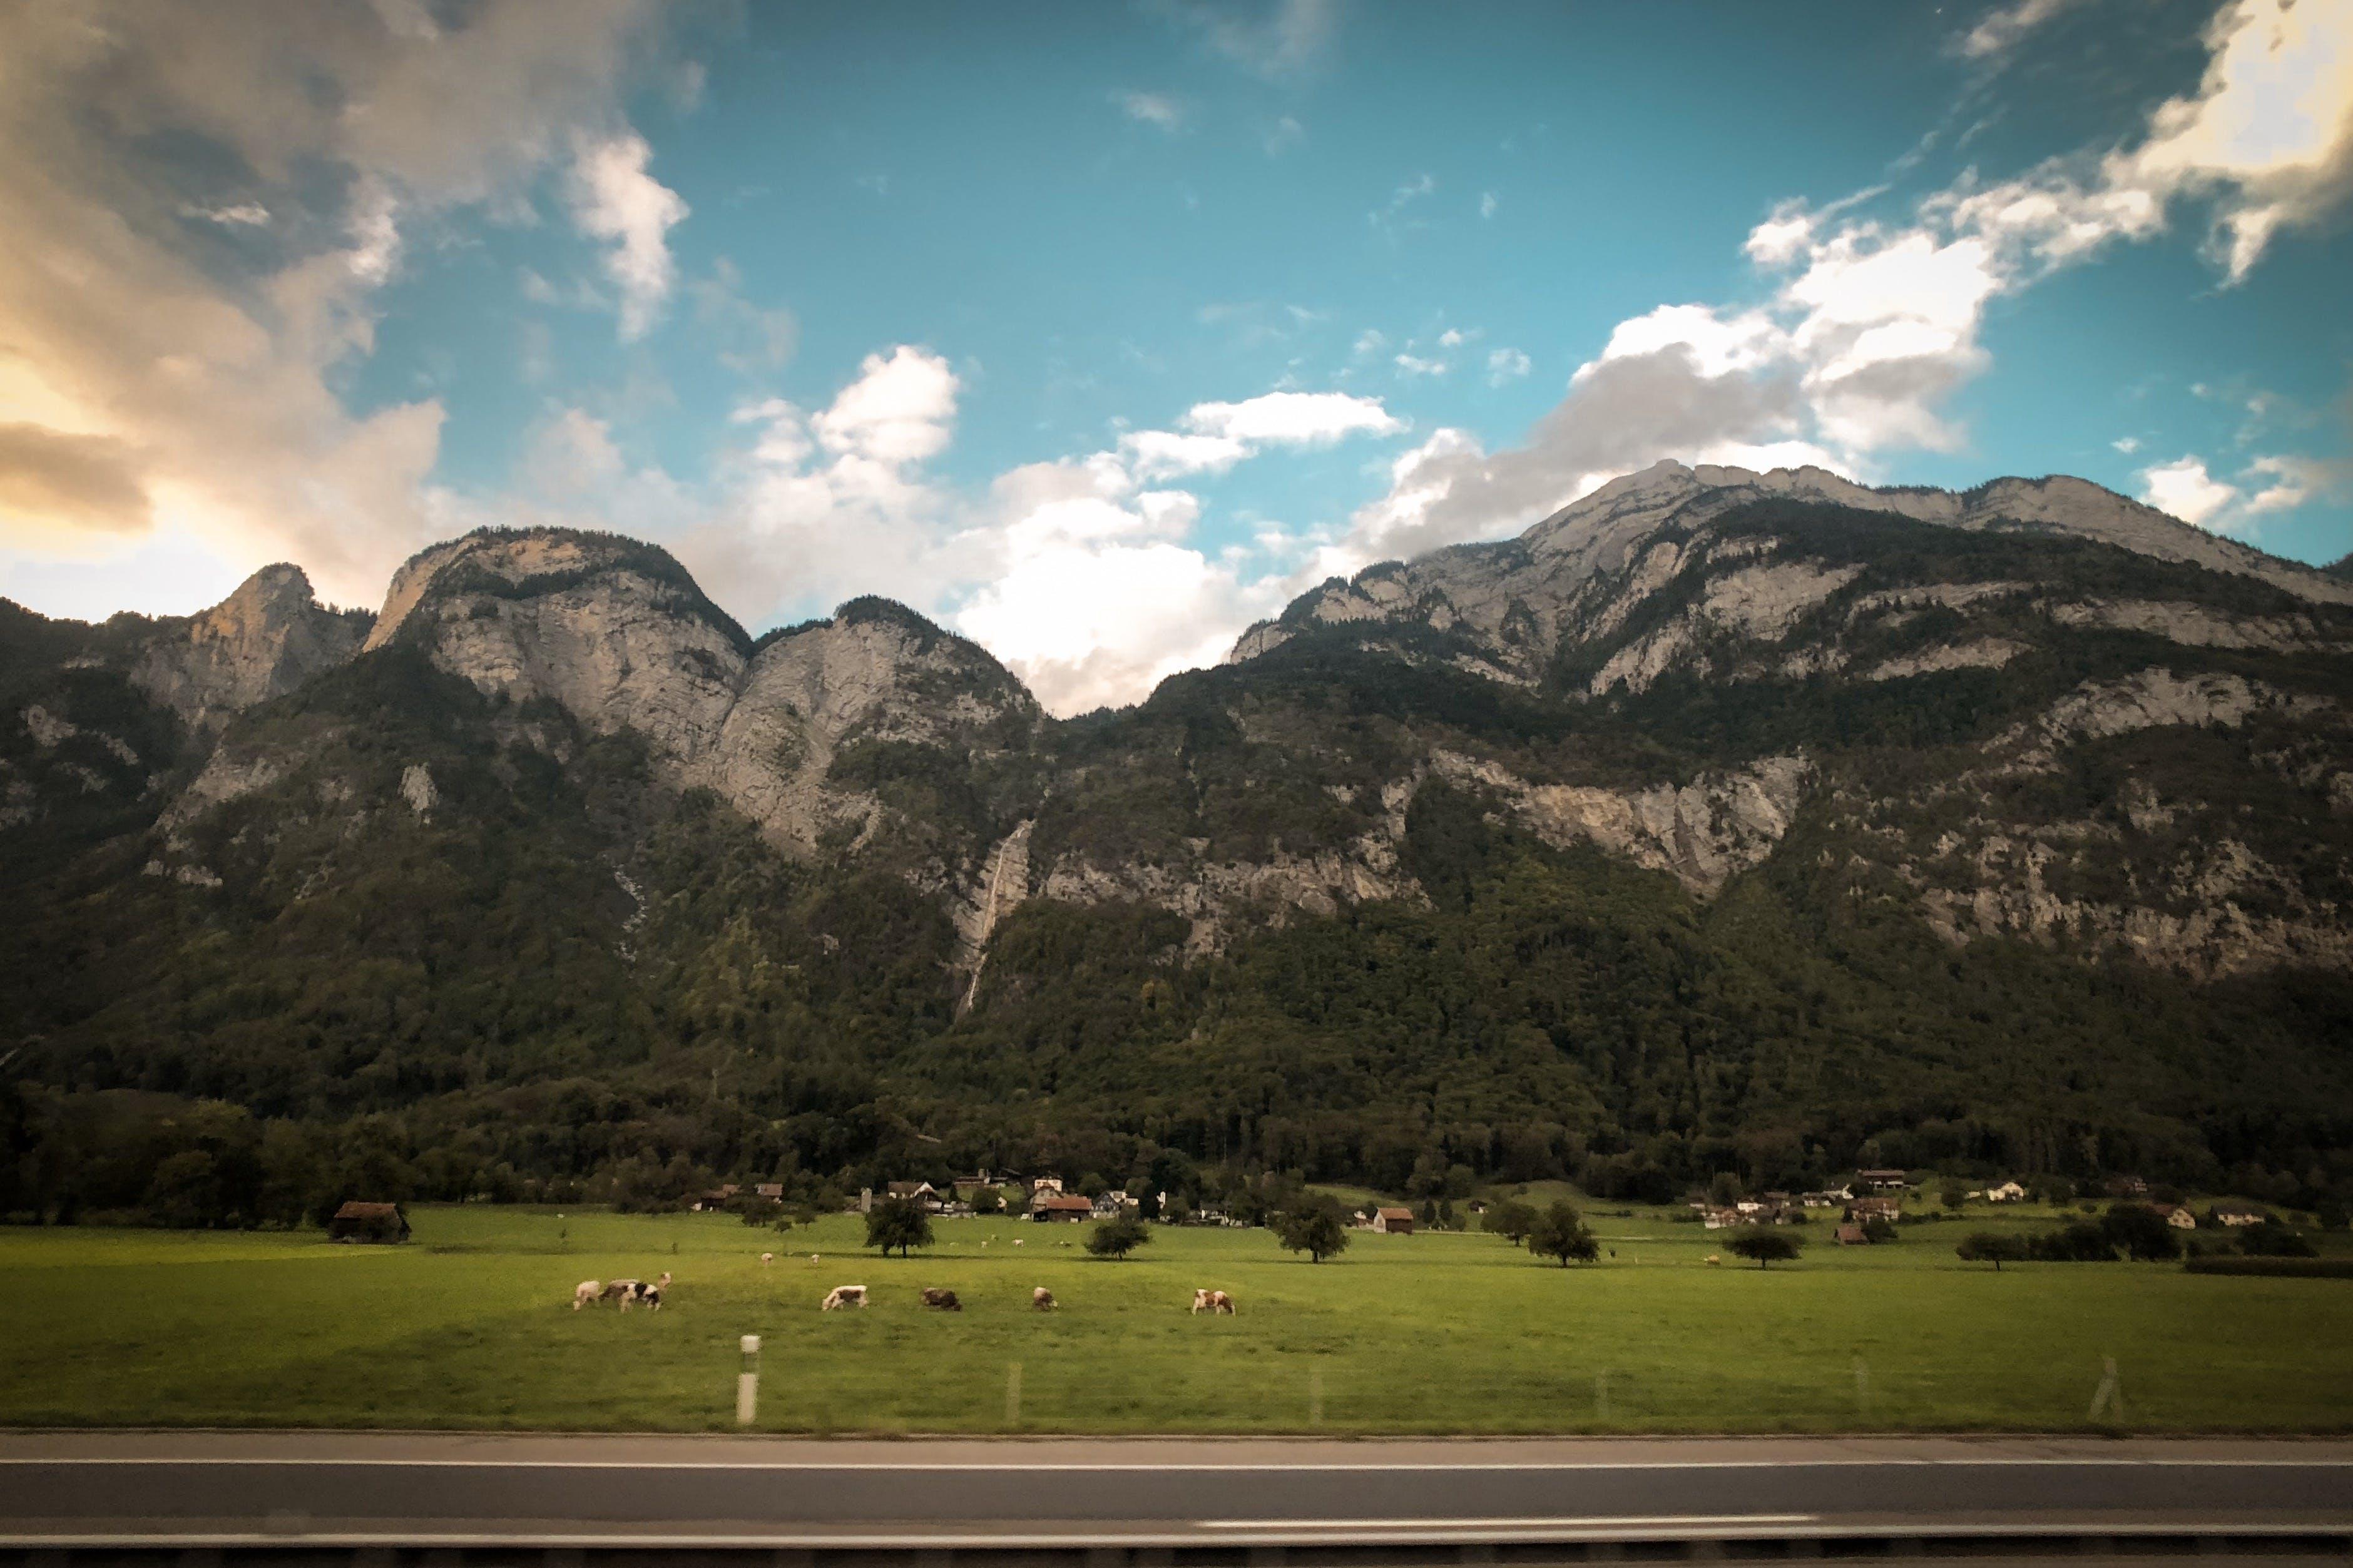 Kostenloses Stock Foto zu straße, landschaft, berge, natur